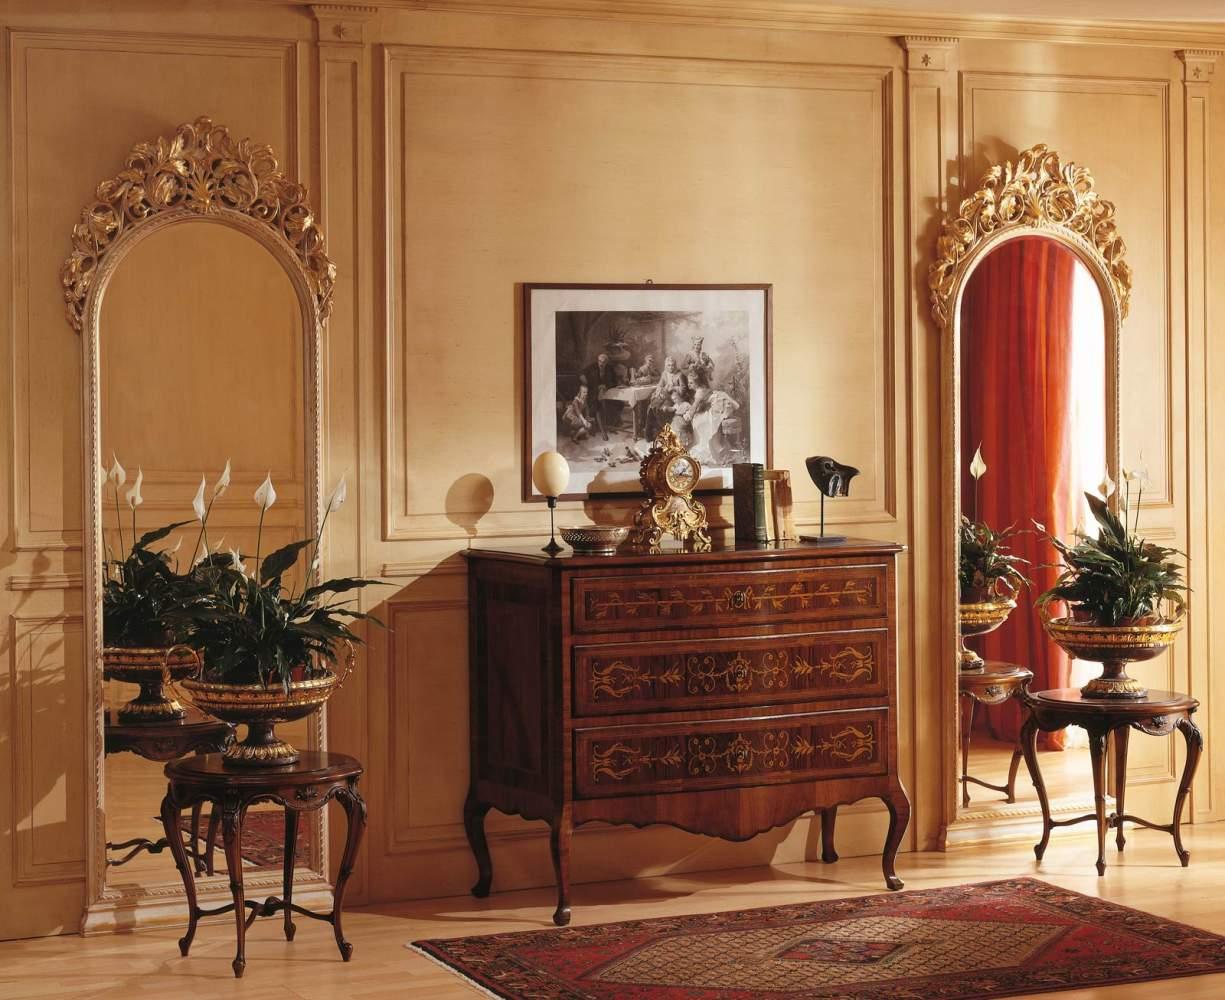 Camera da letto classica Louvre, comò e specchi a muro